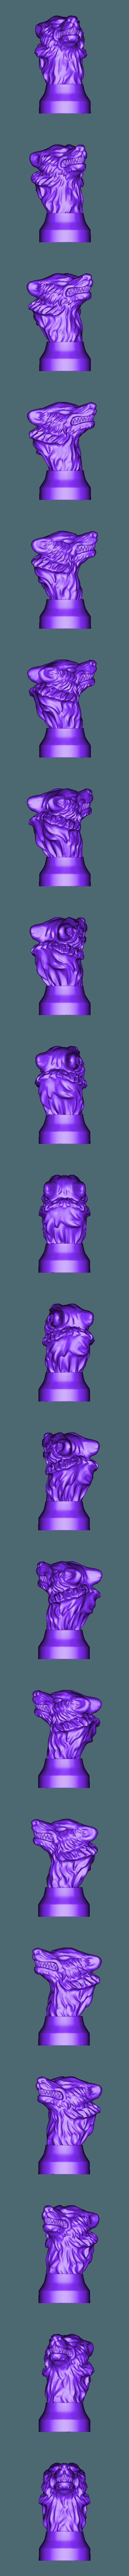 Stark.stl Télécharger fichier STL gratuit Insigne de la maison de pierre de jeu des trônes de trônes • Modèle imprimable en 3D, Or10m4